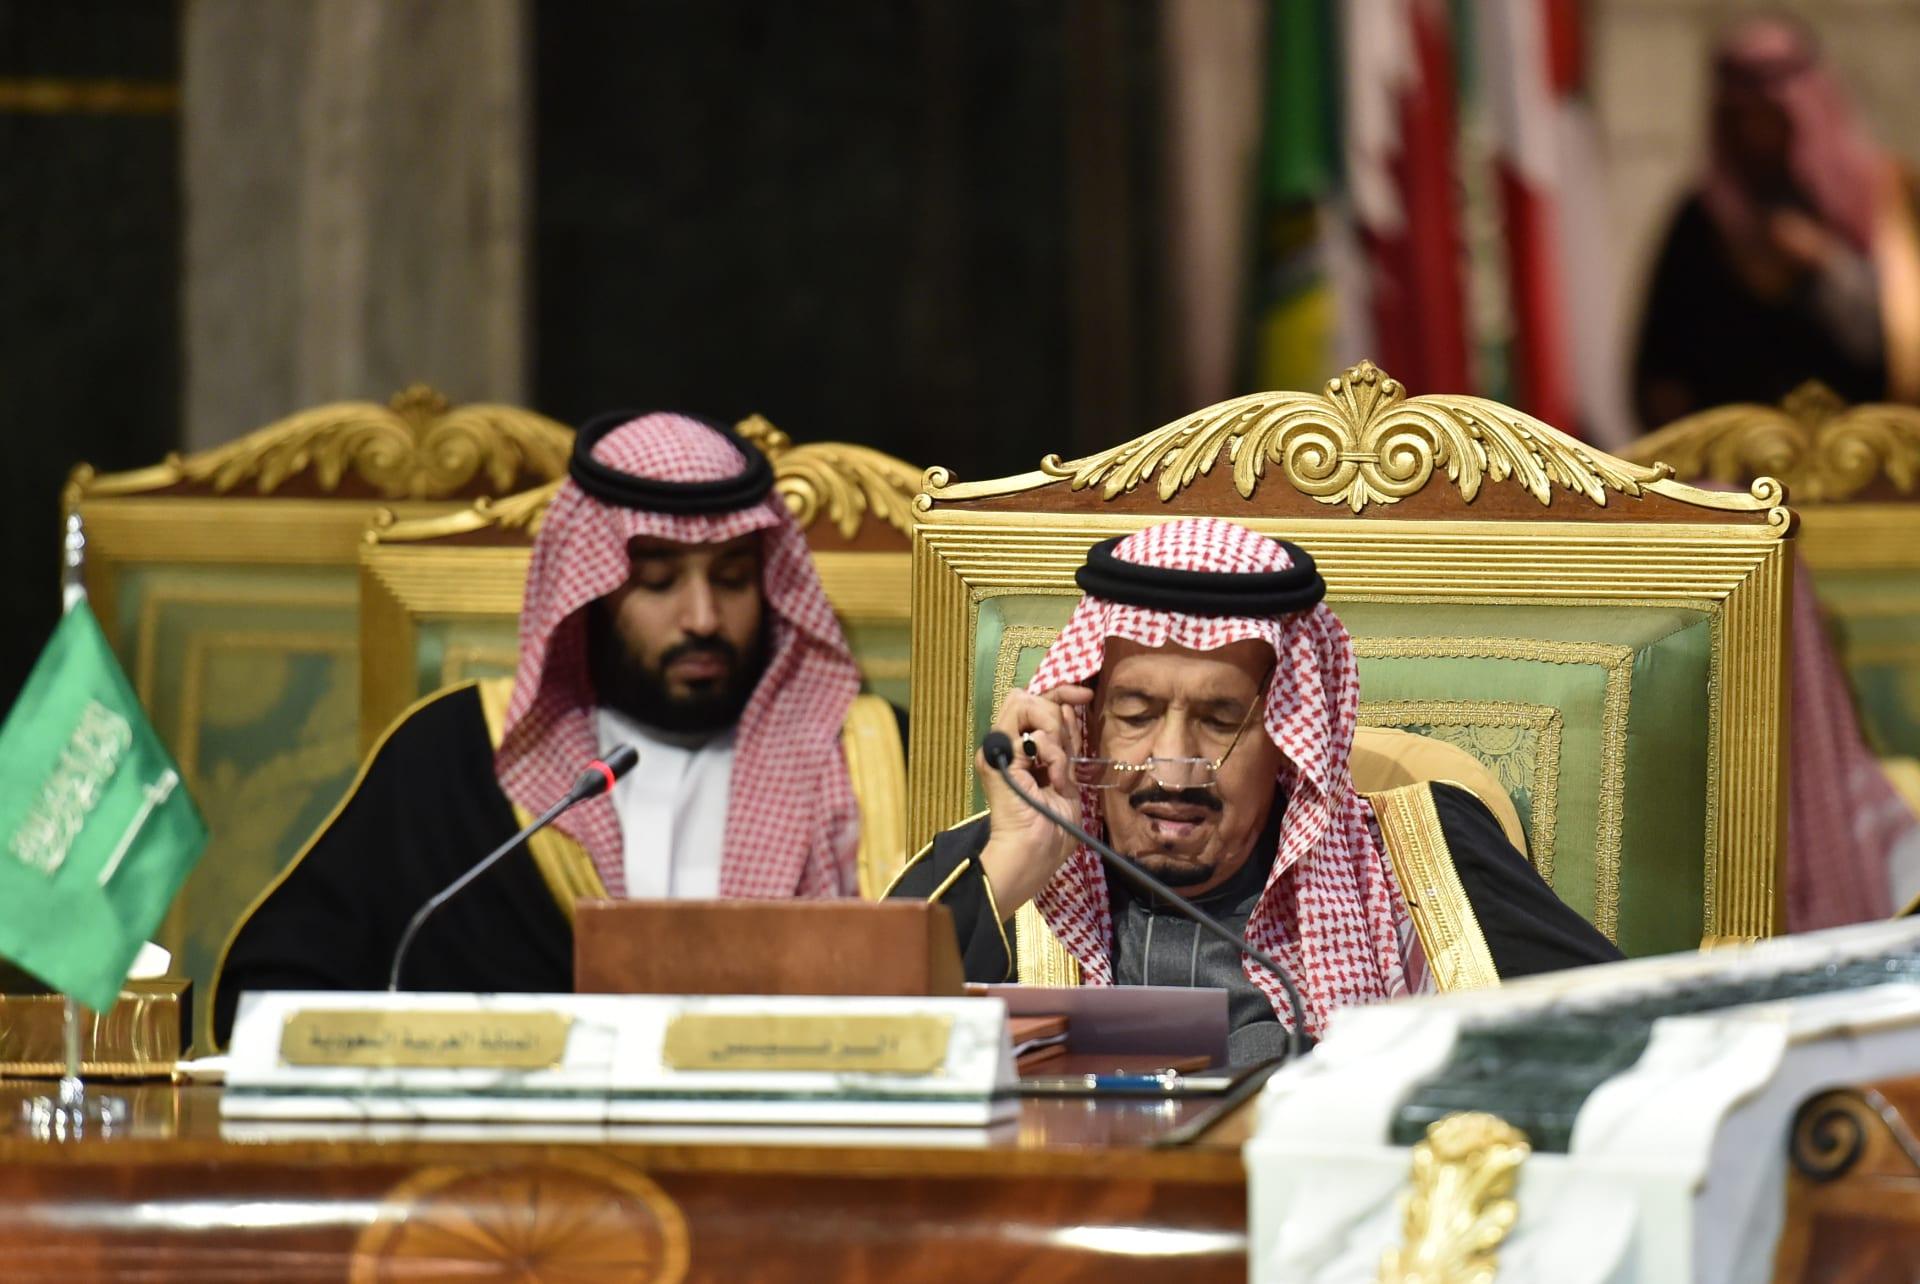 صورة أرشيفية للملك سلمان والأمير محمد بن سلمان